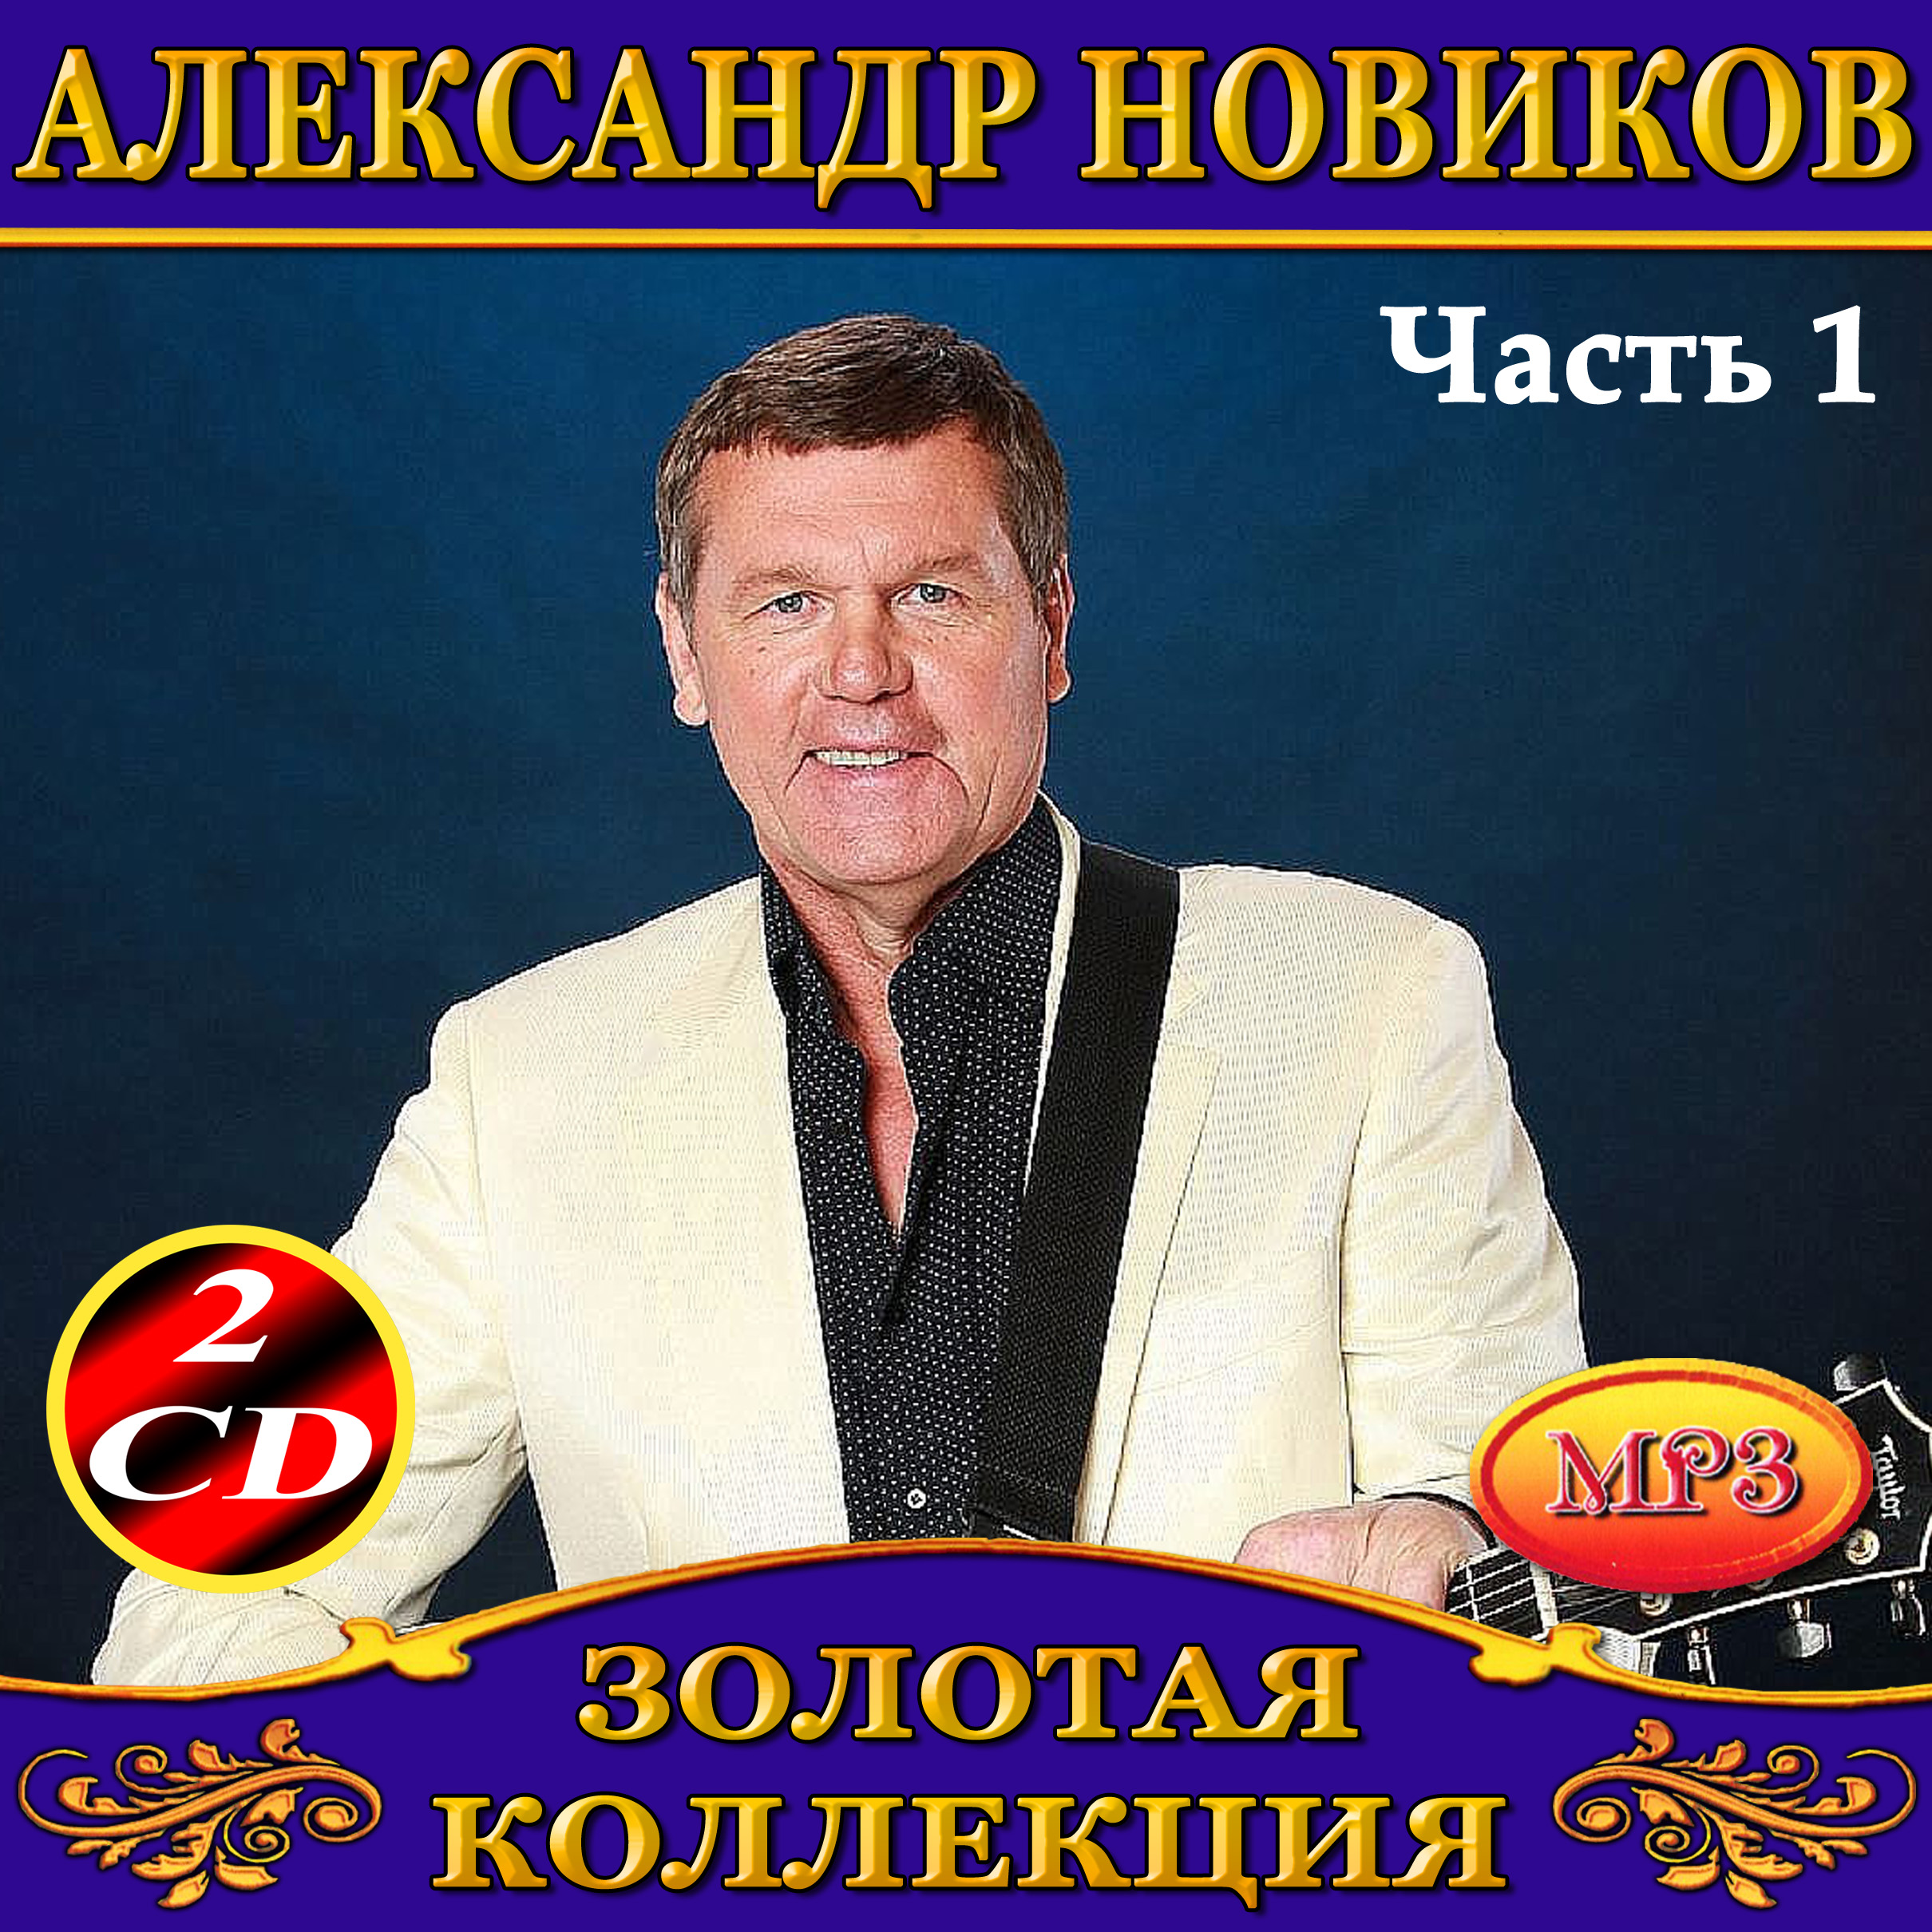 Александр Новиков 1ч 2cd [mp3]